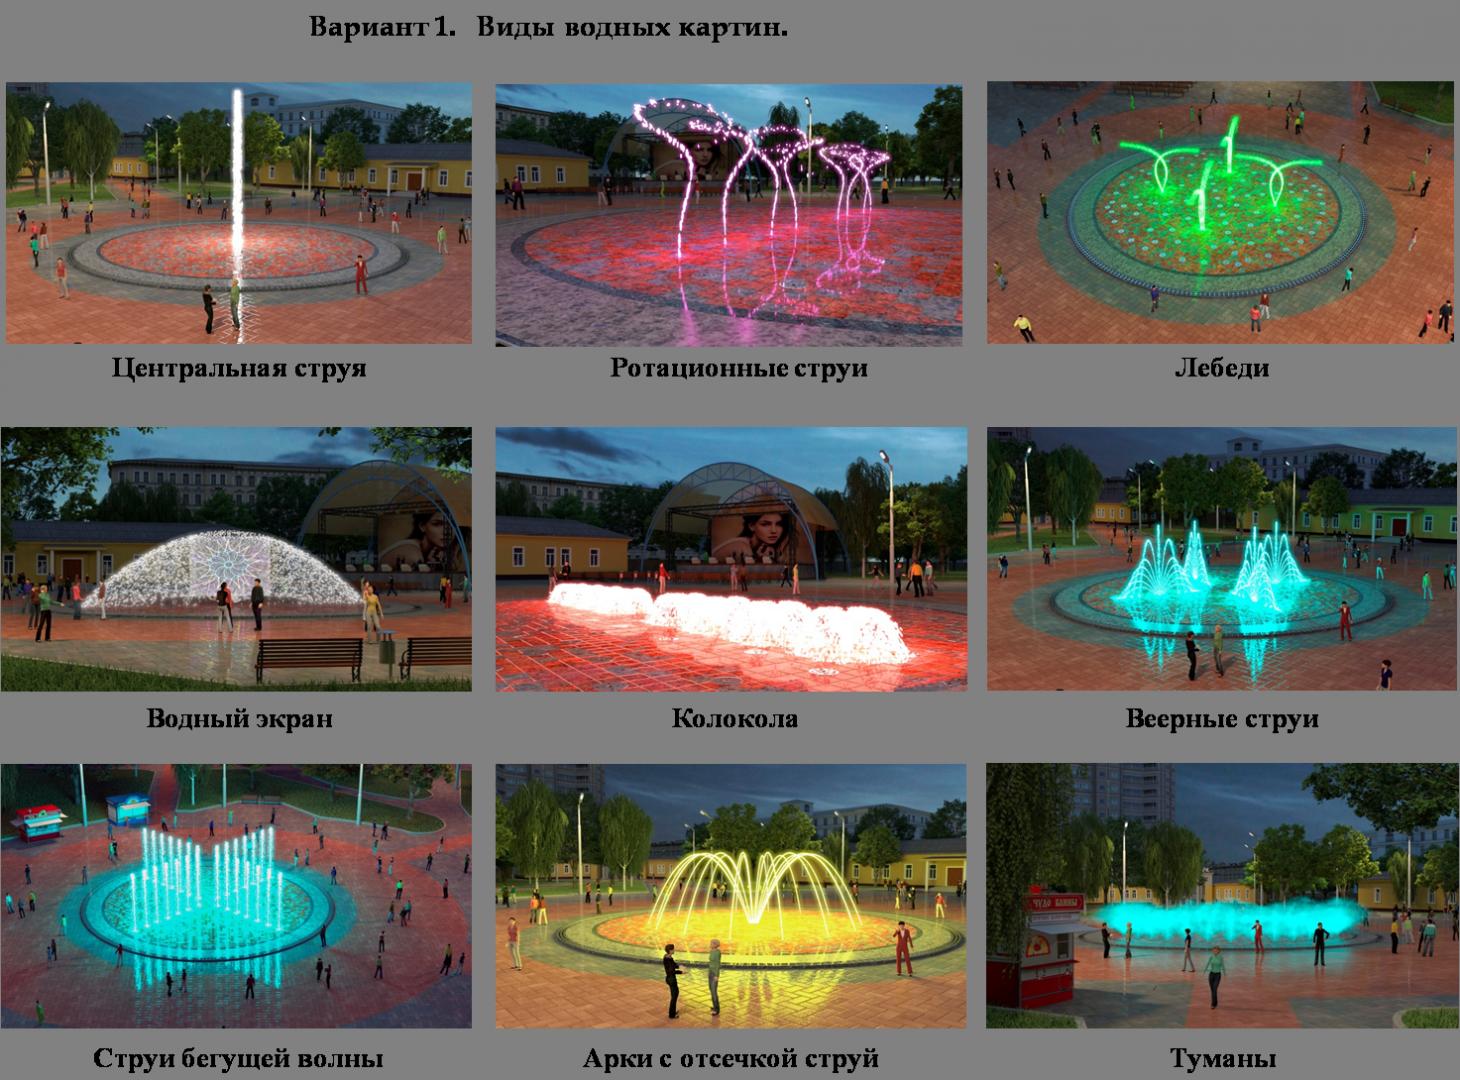 Первый вариант фонтана в Центральном парке